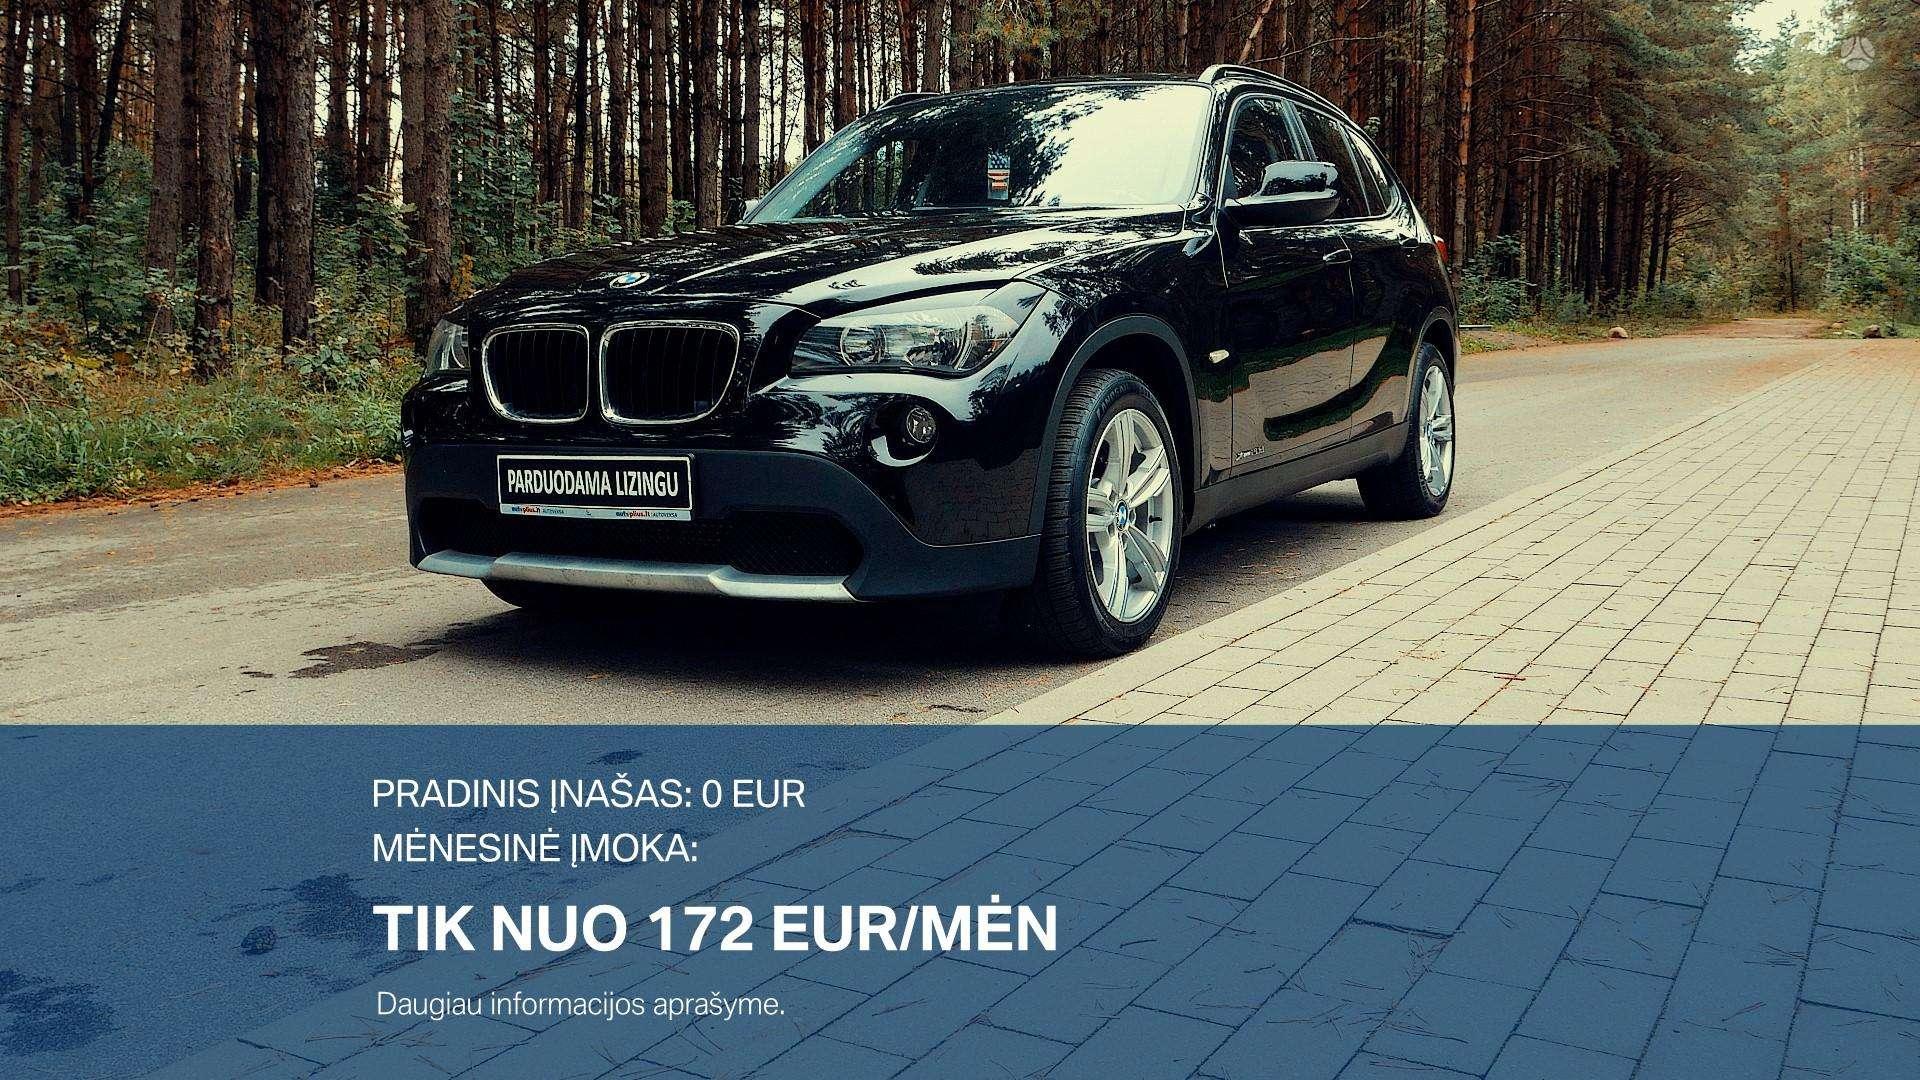 BMW X1 Išsimokėtinai nuo 172Eur/Mėn su 3 mėnesių garantija